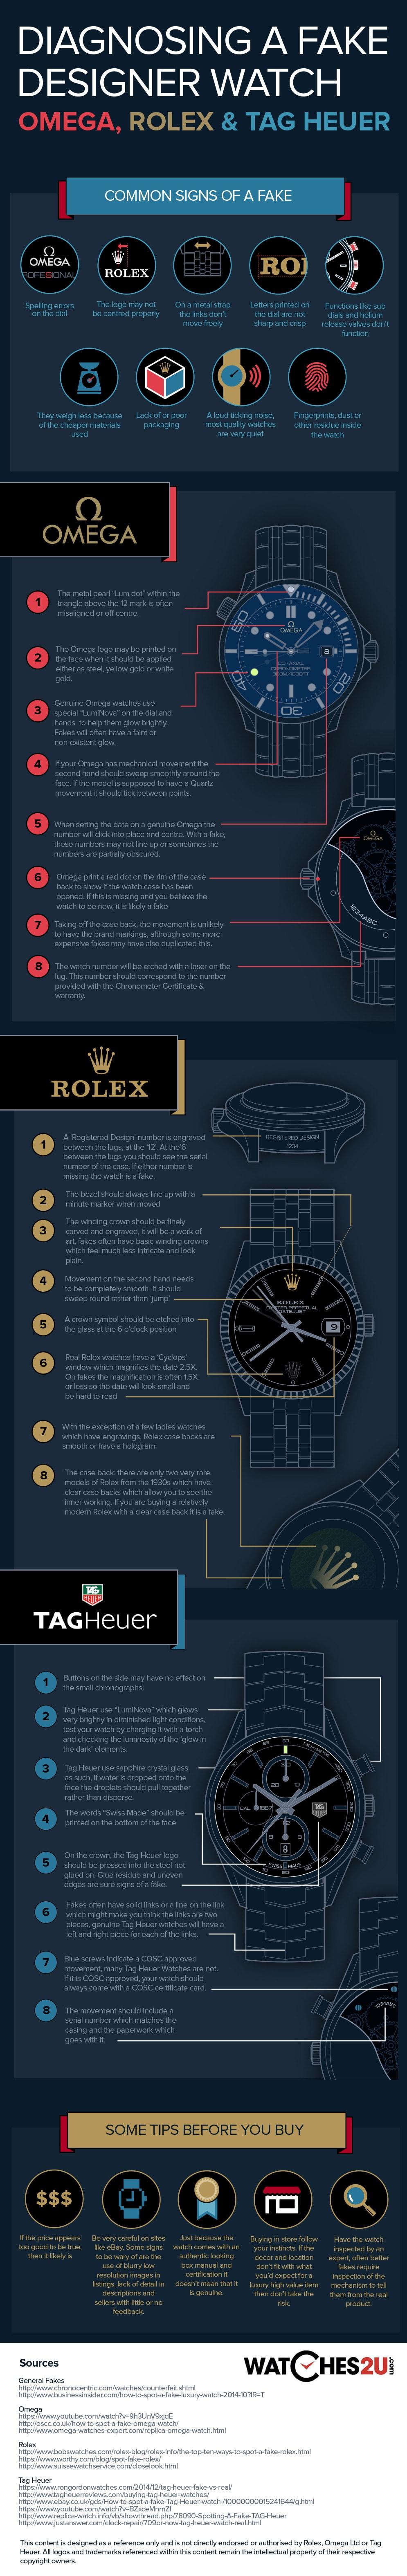 Spek eine gefälschte Rolex, Omega oder Tag Heuer Uhr, Infografik